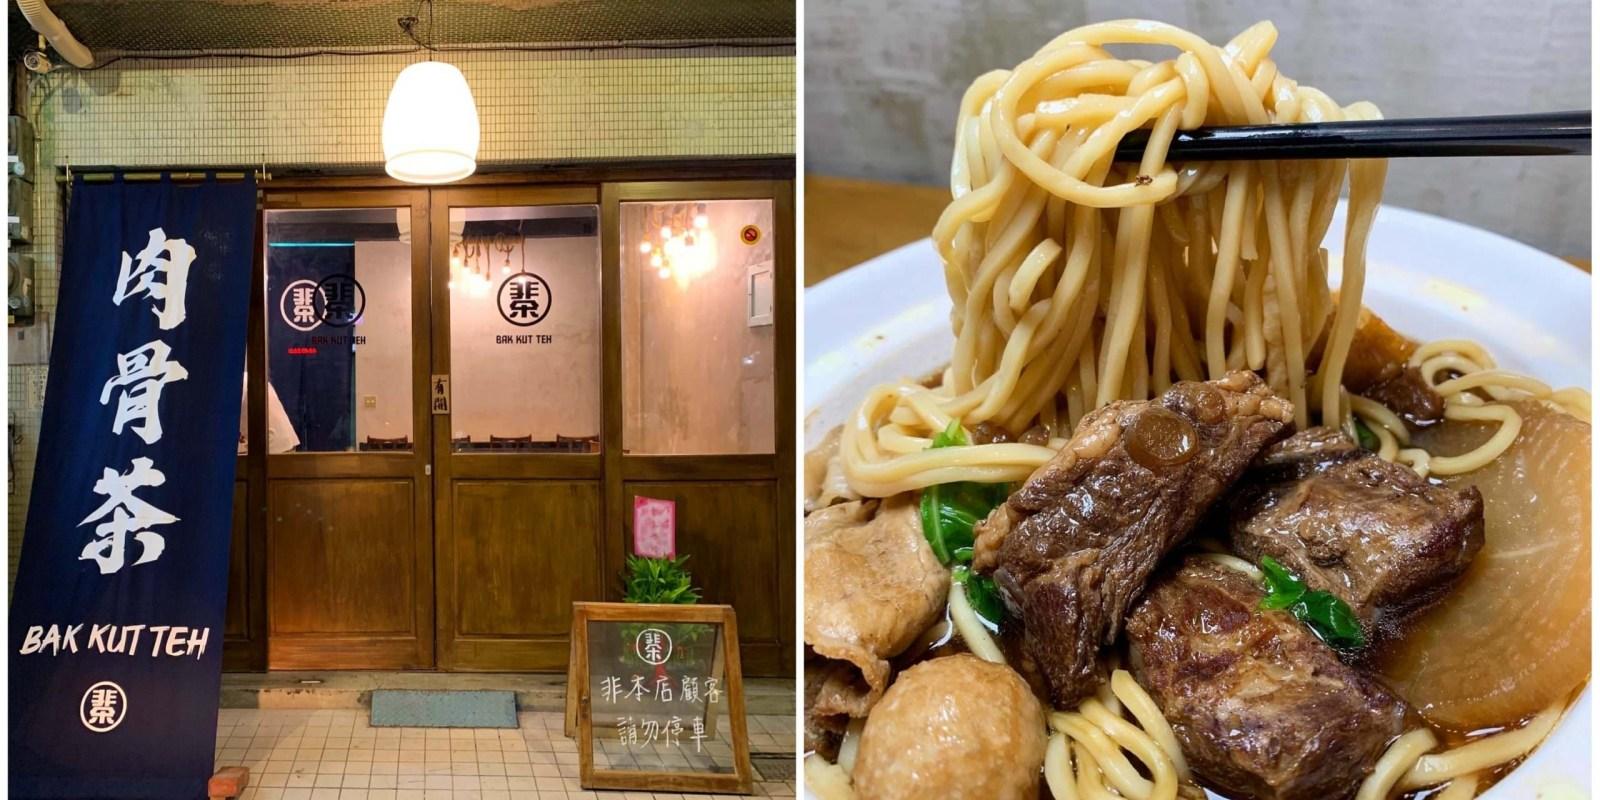 [台南美食] 非茶碳烤咖椰吐司 - 道地的肉骨茶和咖椰吐司在台南也吃的到!